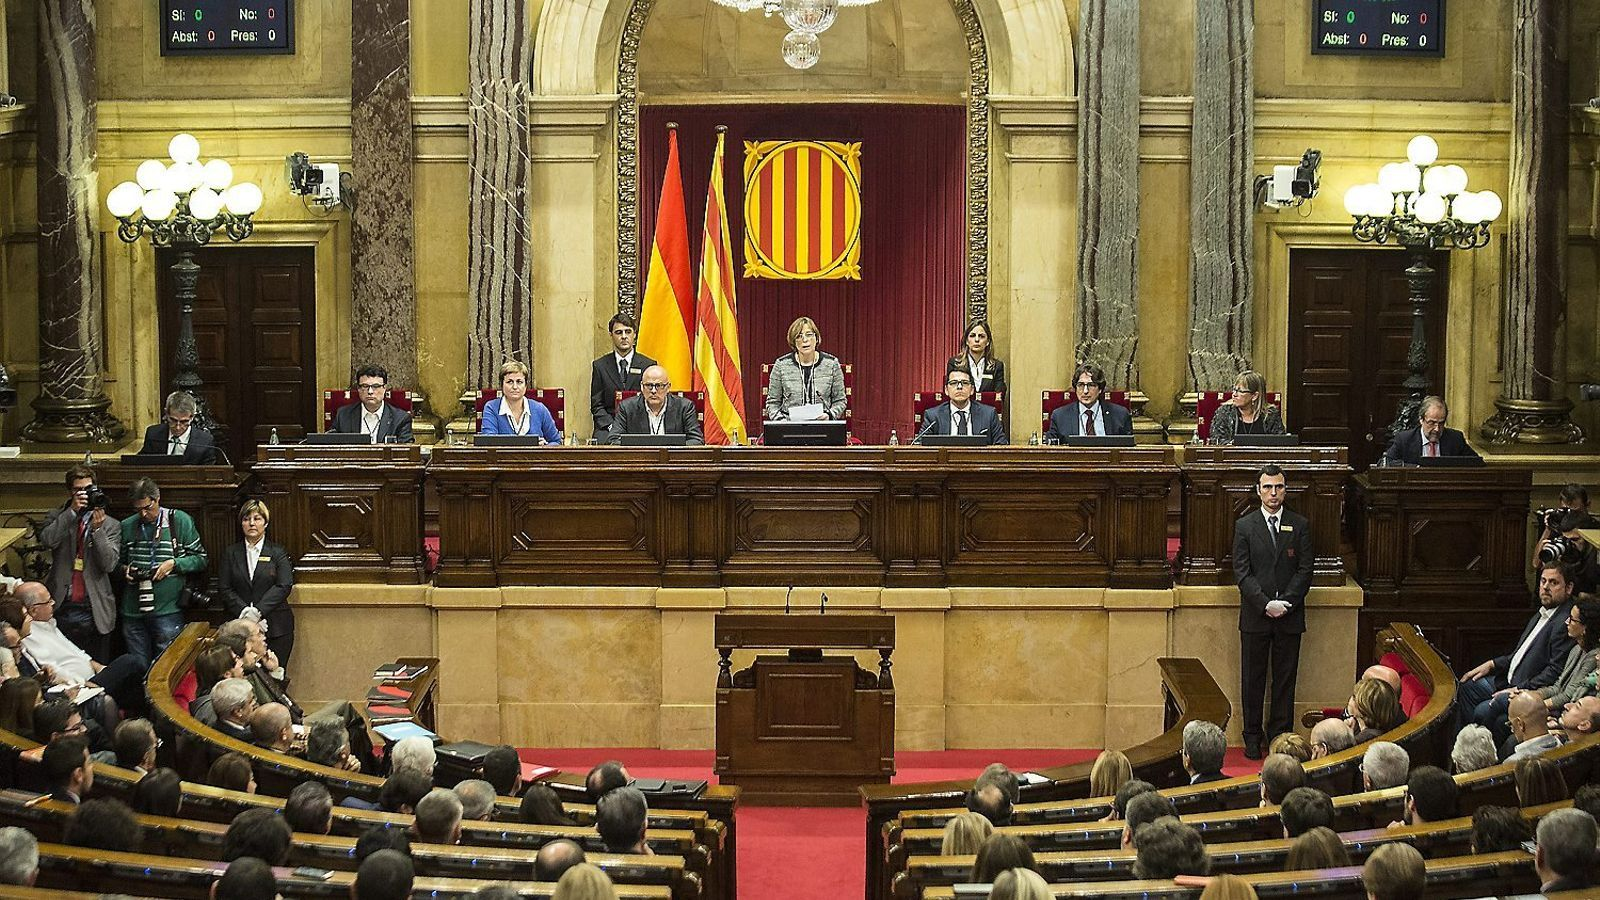 El ministre de Justícia, Rafael Catalá, va tornar a dir ahir que la presidenta del Parlament, Carme Forcadell, pot ser inhabilitada si no fa cas de la resolució del TC.